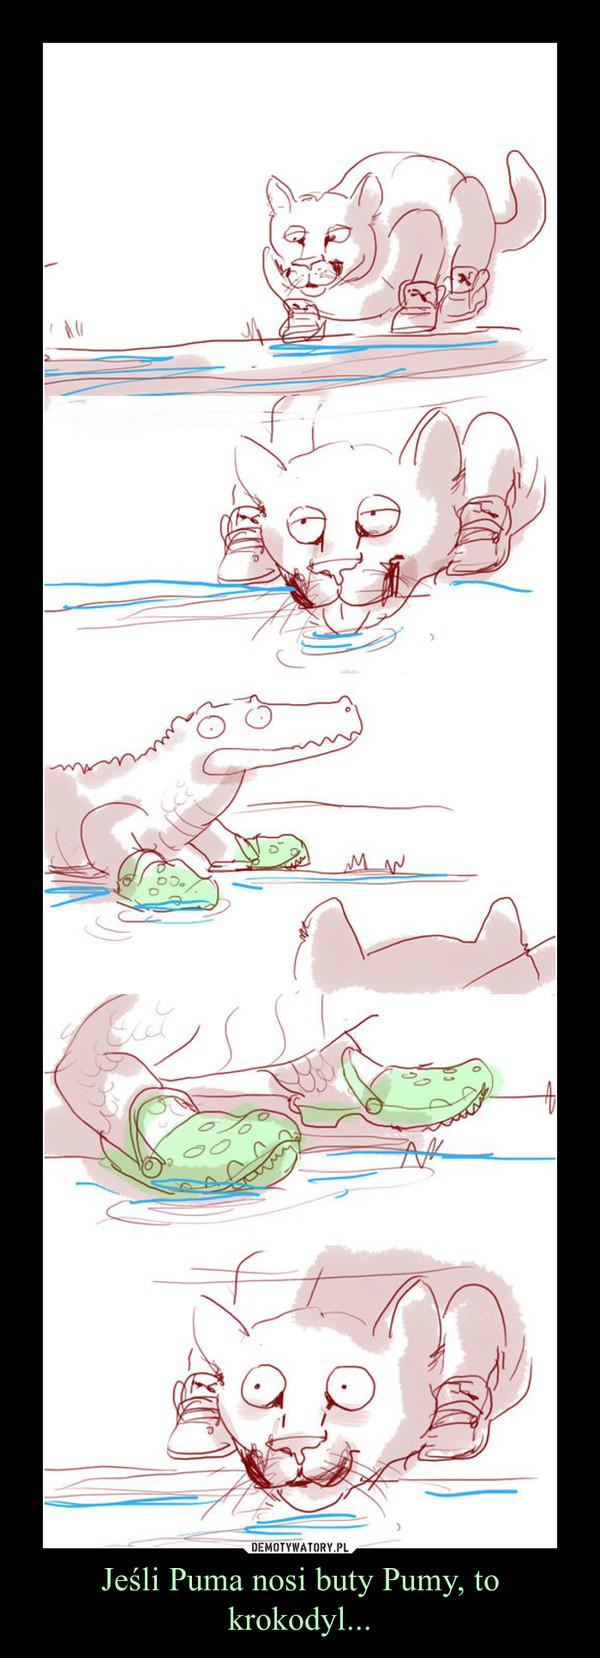 Jeśli Puma nosi buty Pumy, to krokodyl... –